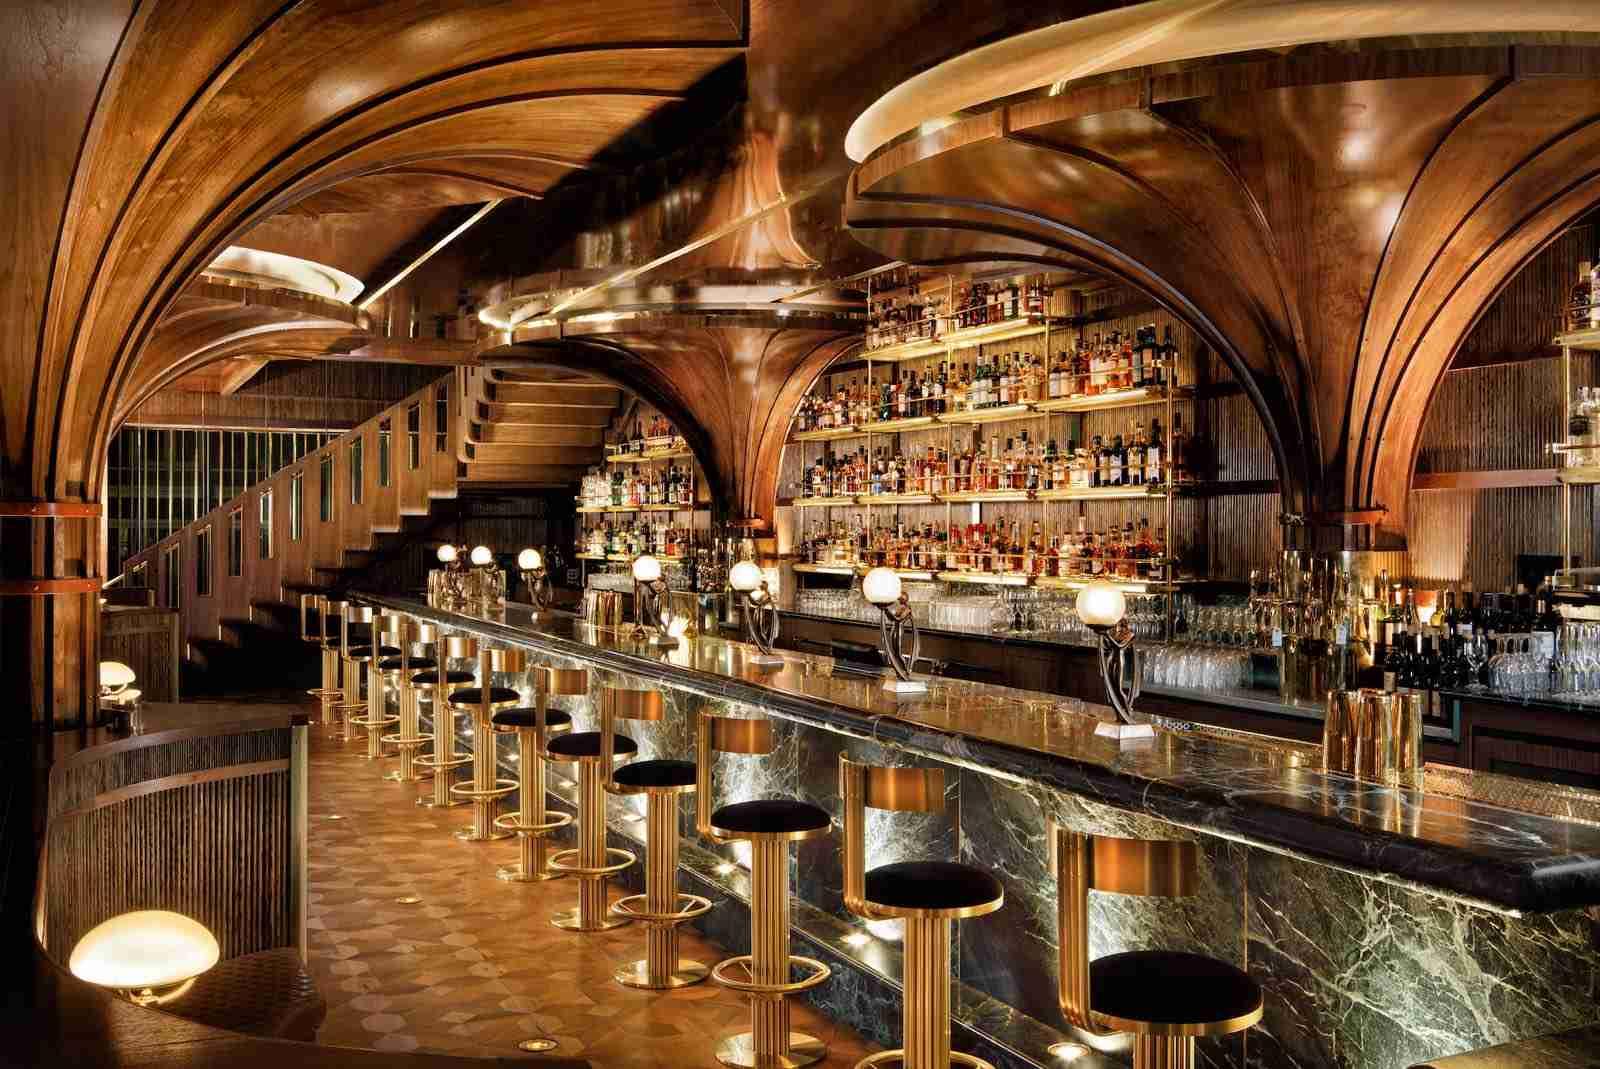 Top 10 Classiest Bars In San Diego - Brooksy